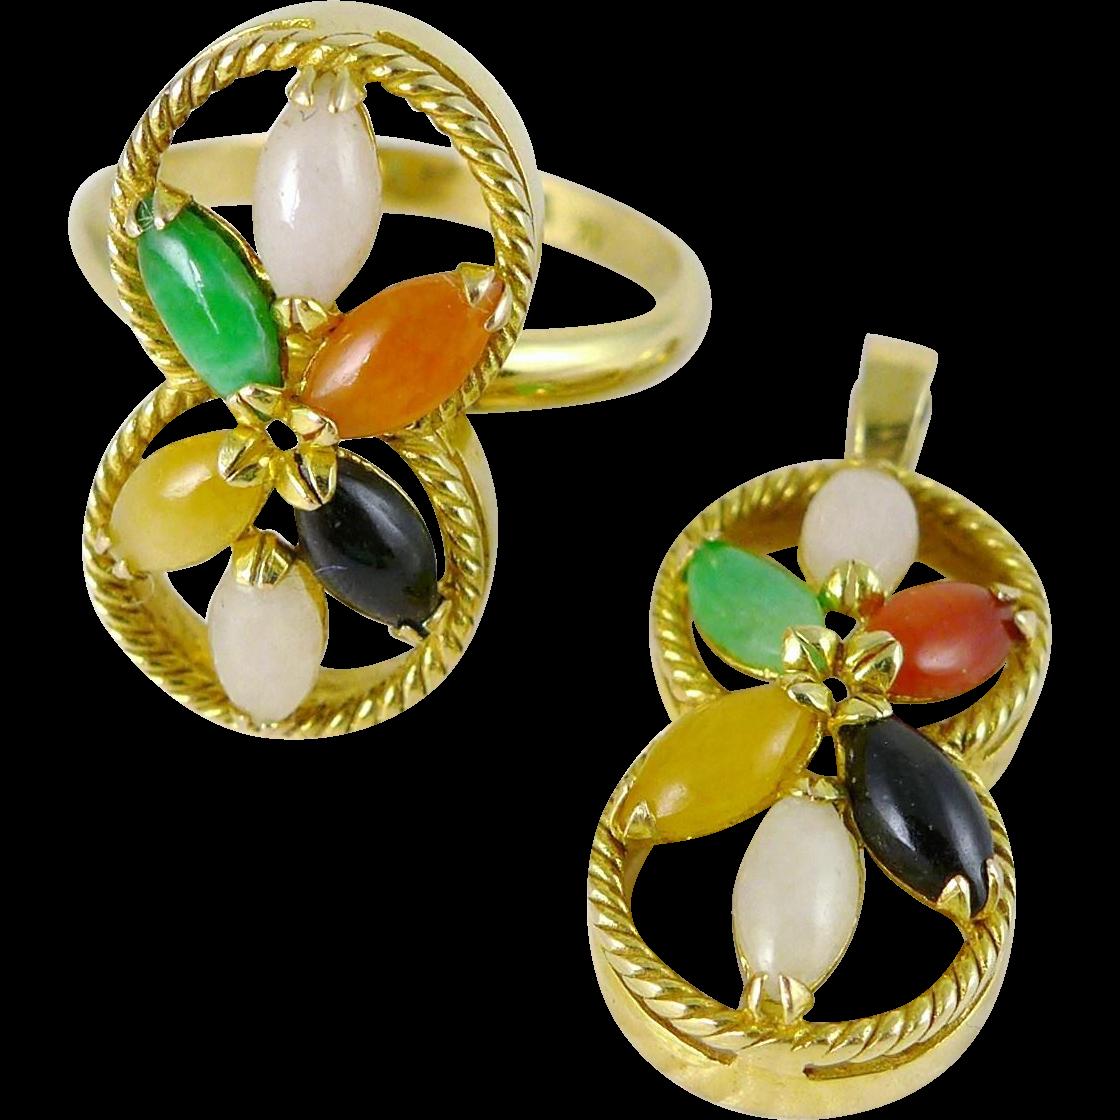 Vintage 14K Gold Multi Color Jade Cluster Ring and Pendant Set